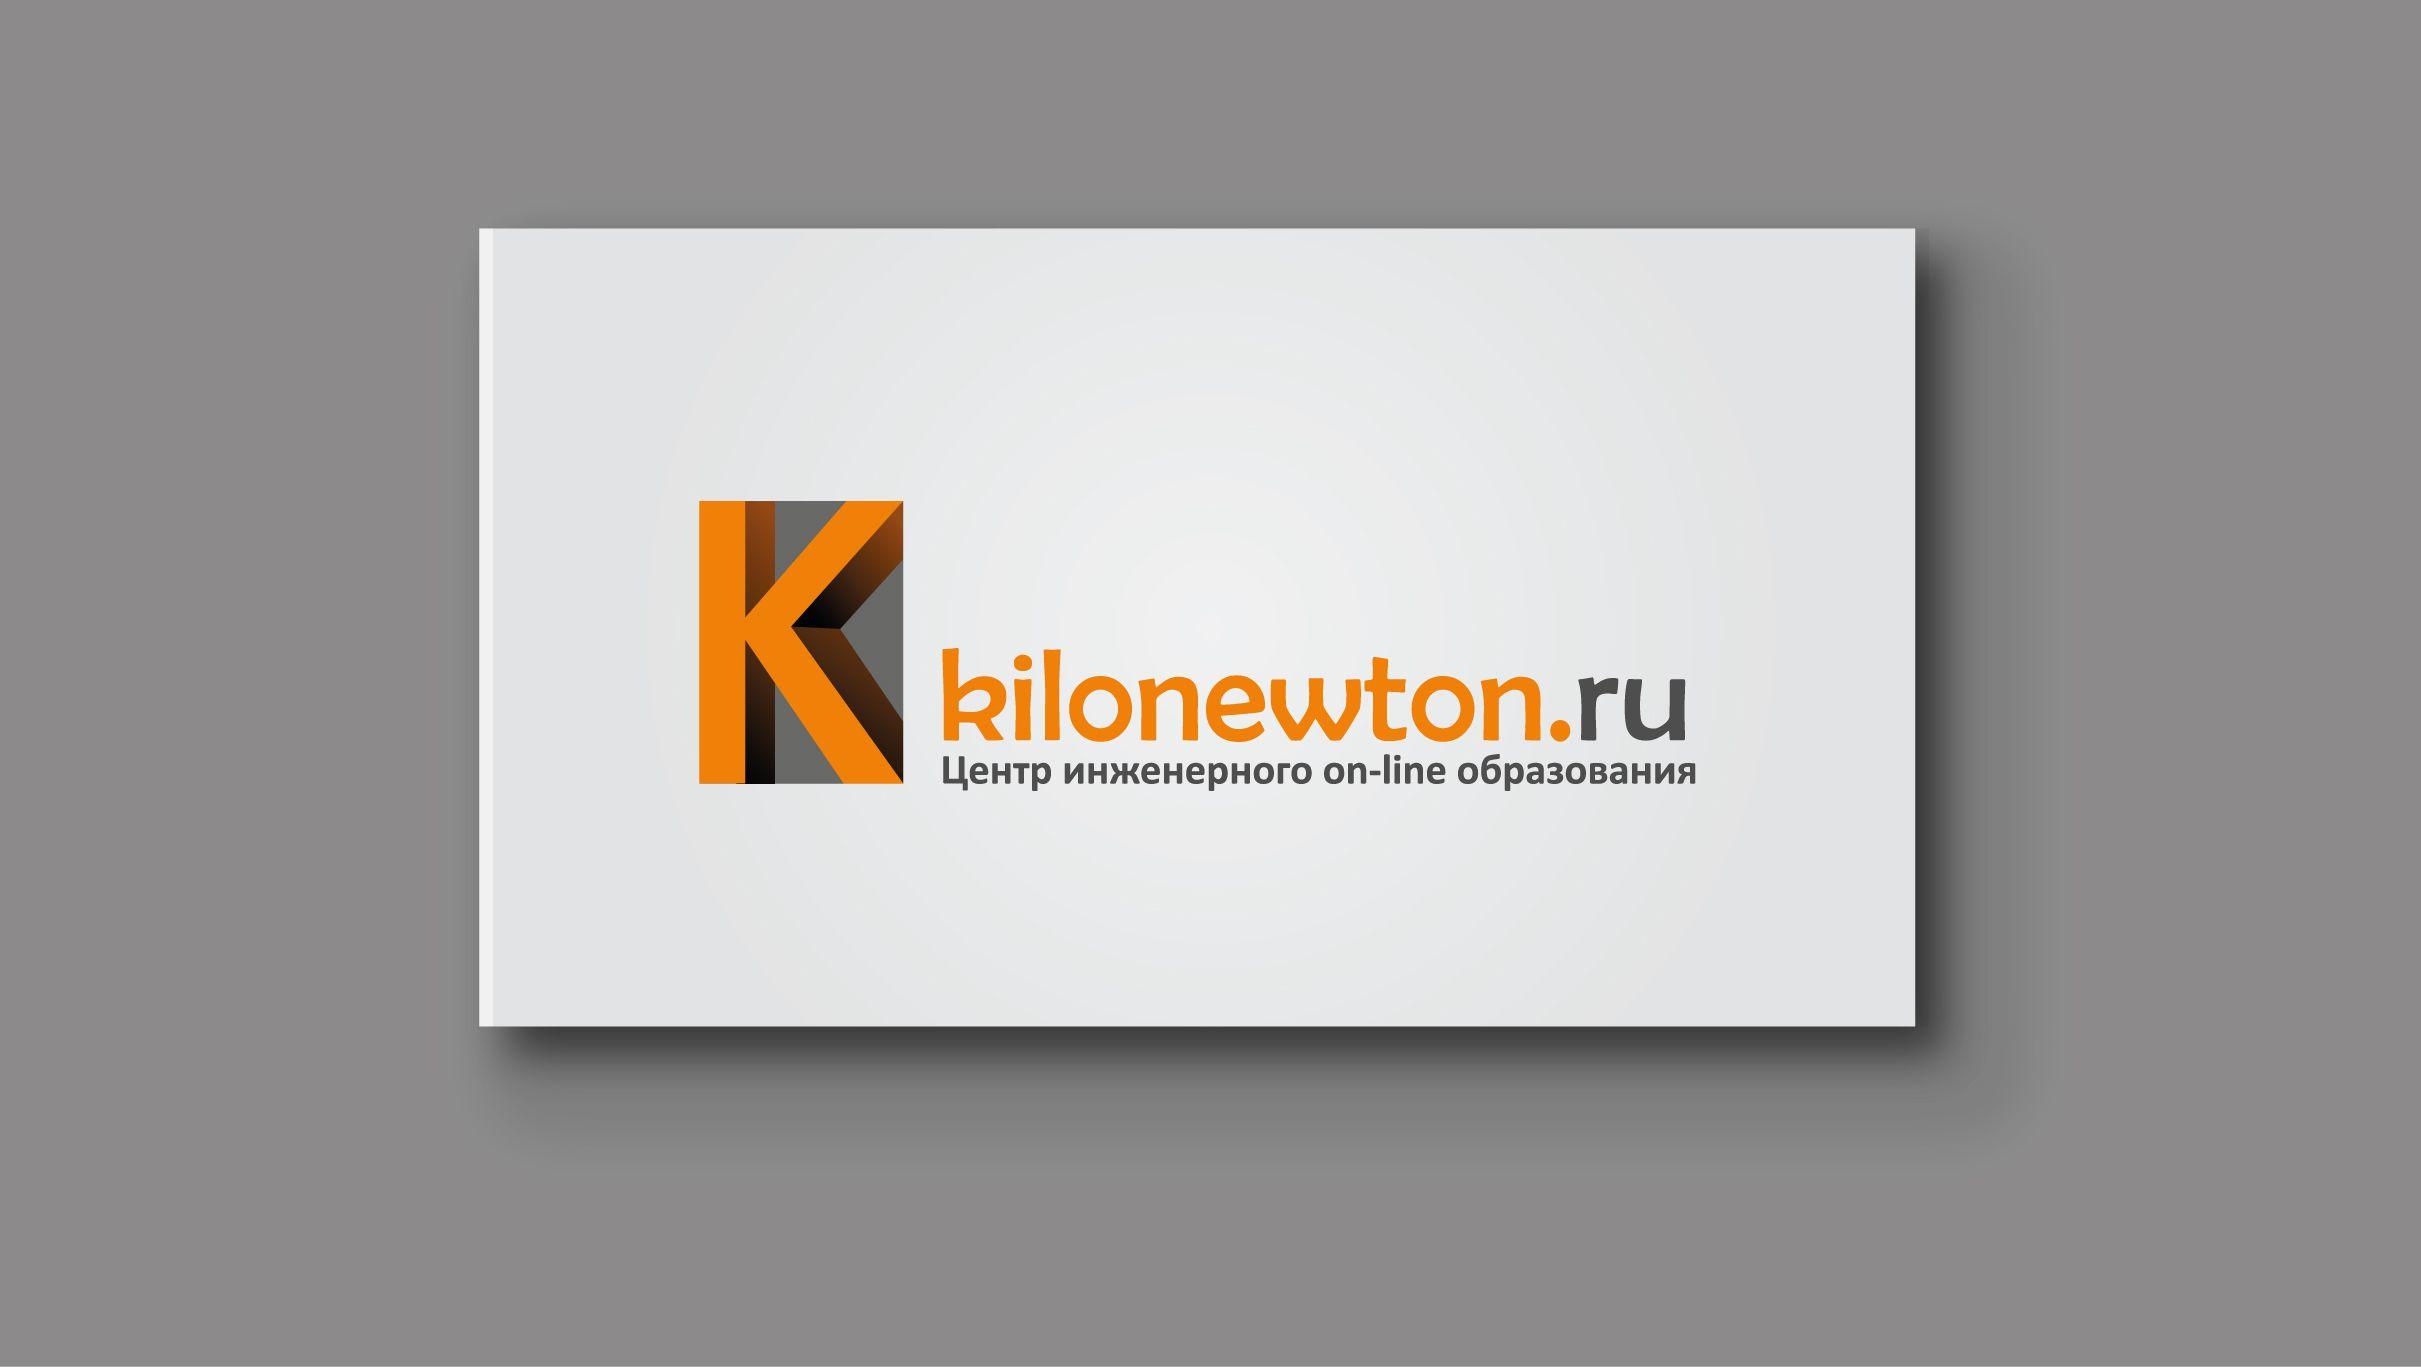 Лого стиль для центра дистанционного образования. - дизайнер DinaA83